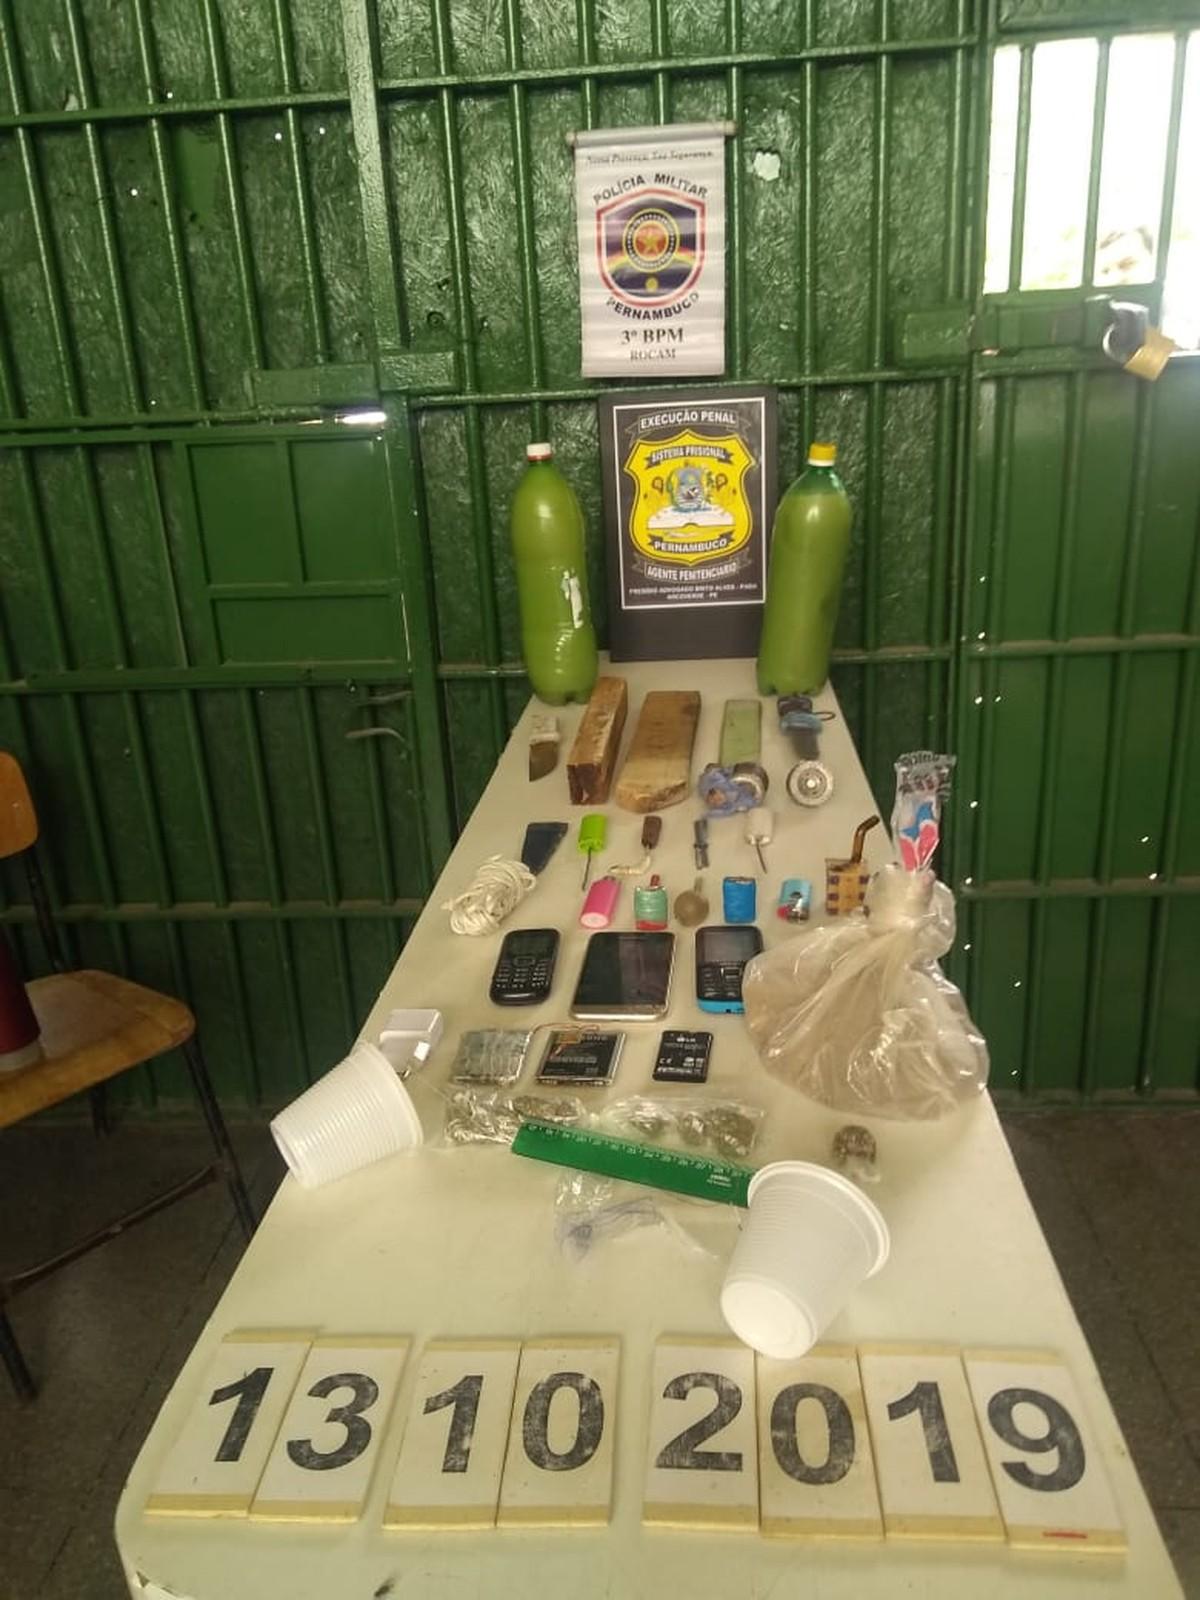 Polícia apreende drogas e armas artesanais durante revista no Presídio de Arcoverde - G1